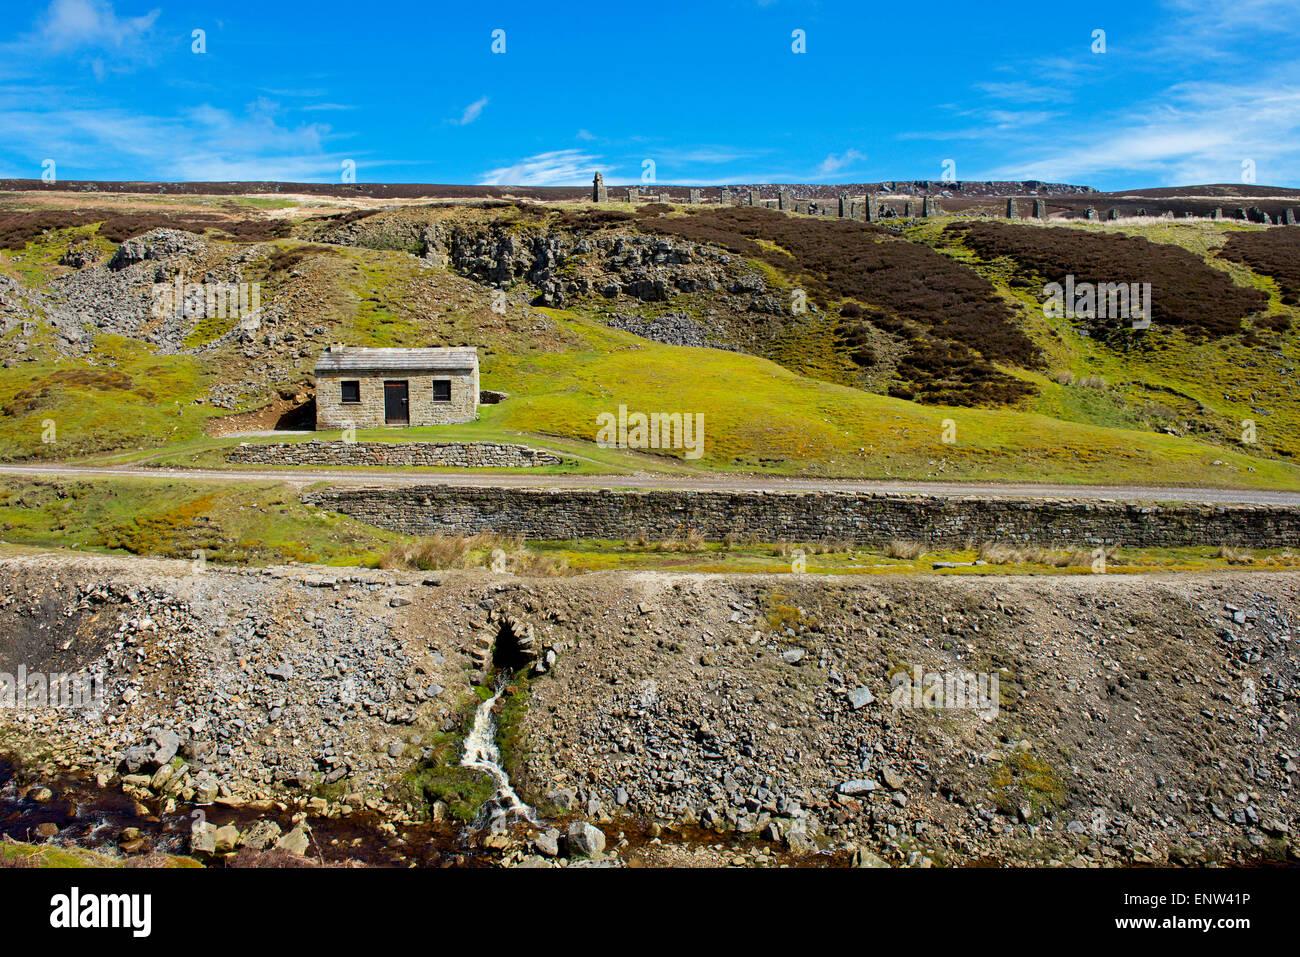 La Antigua Banda de plomo campo minero, Swaledale, Yorkshire Dales National Park, North Yorkshire, Inglaterra Imagen De Stock